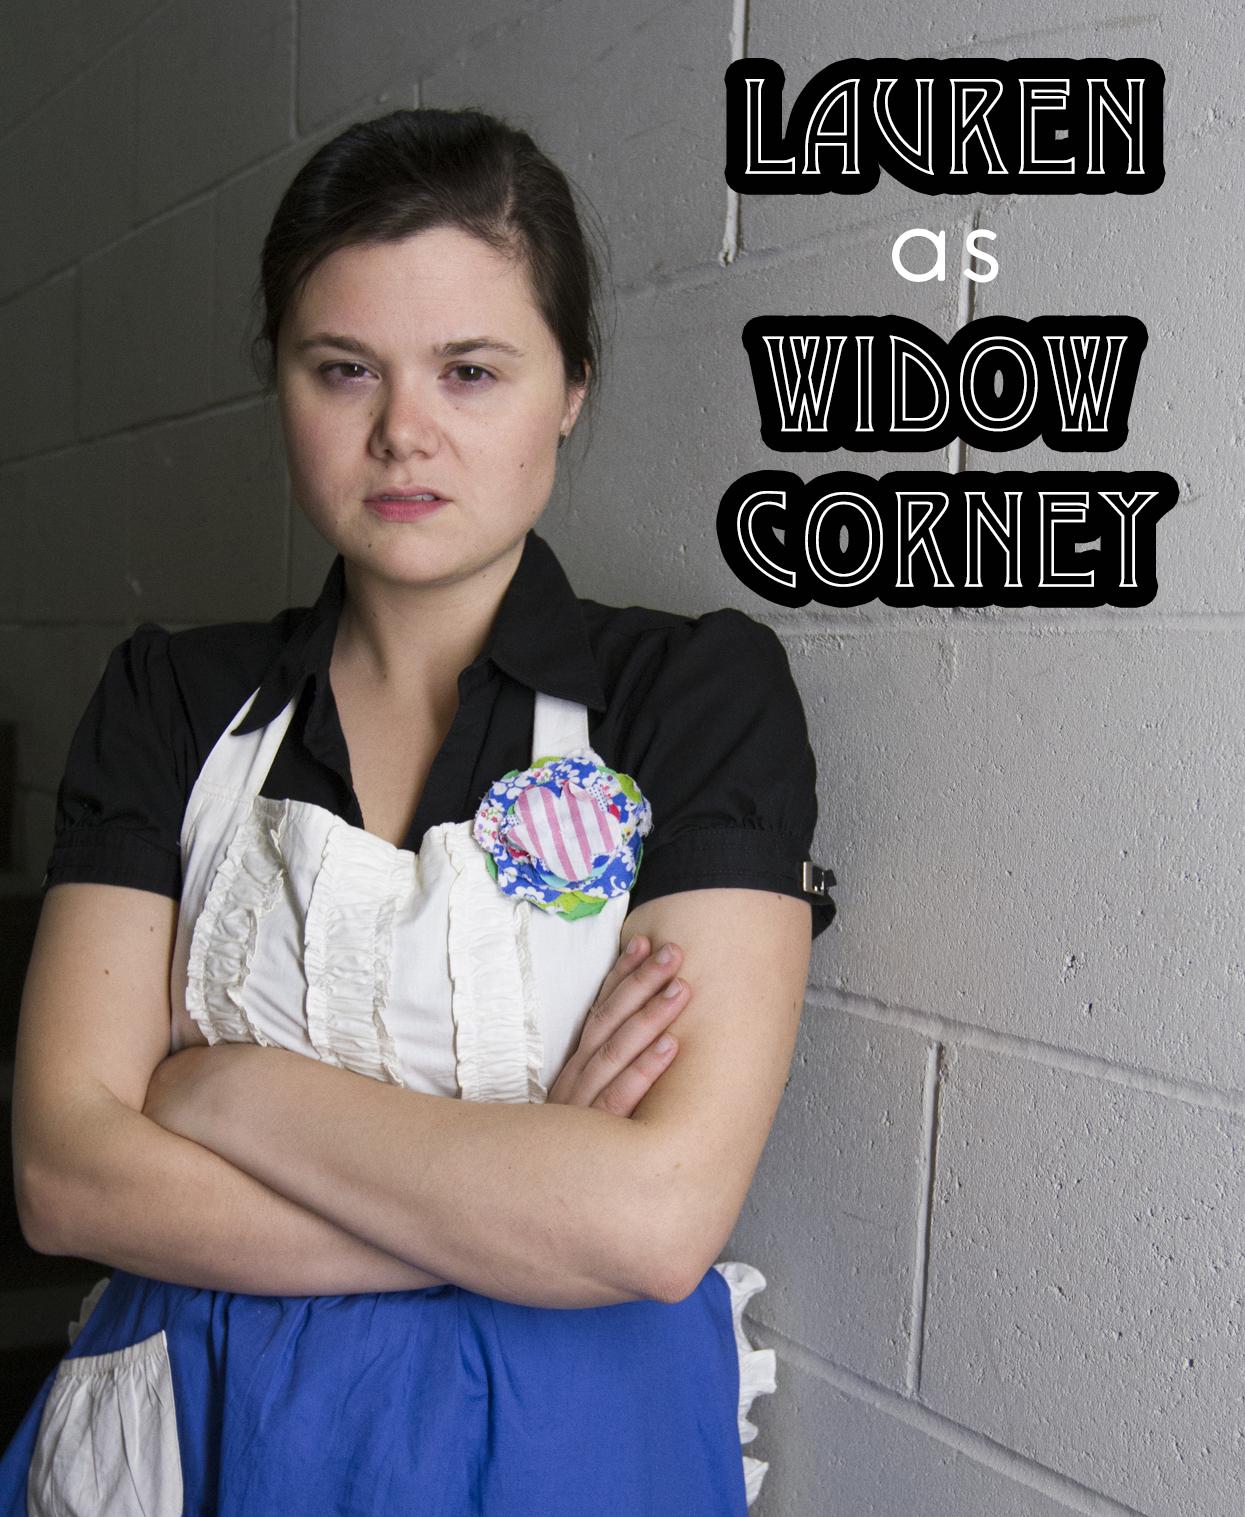 widow corney.jpg